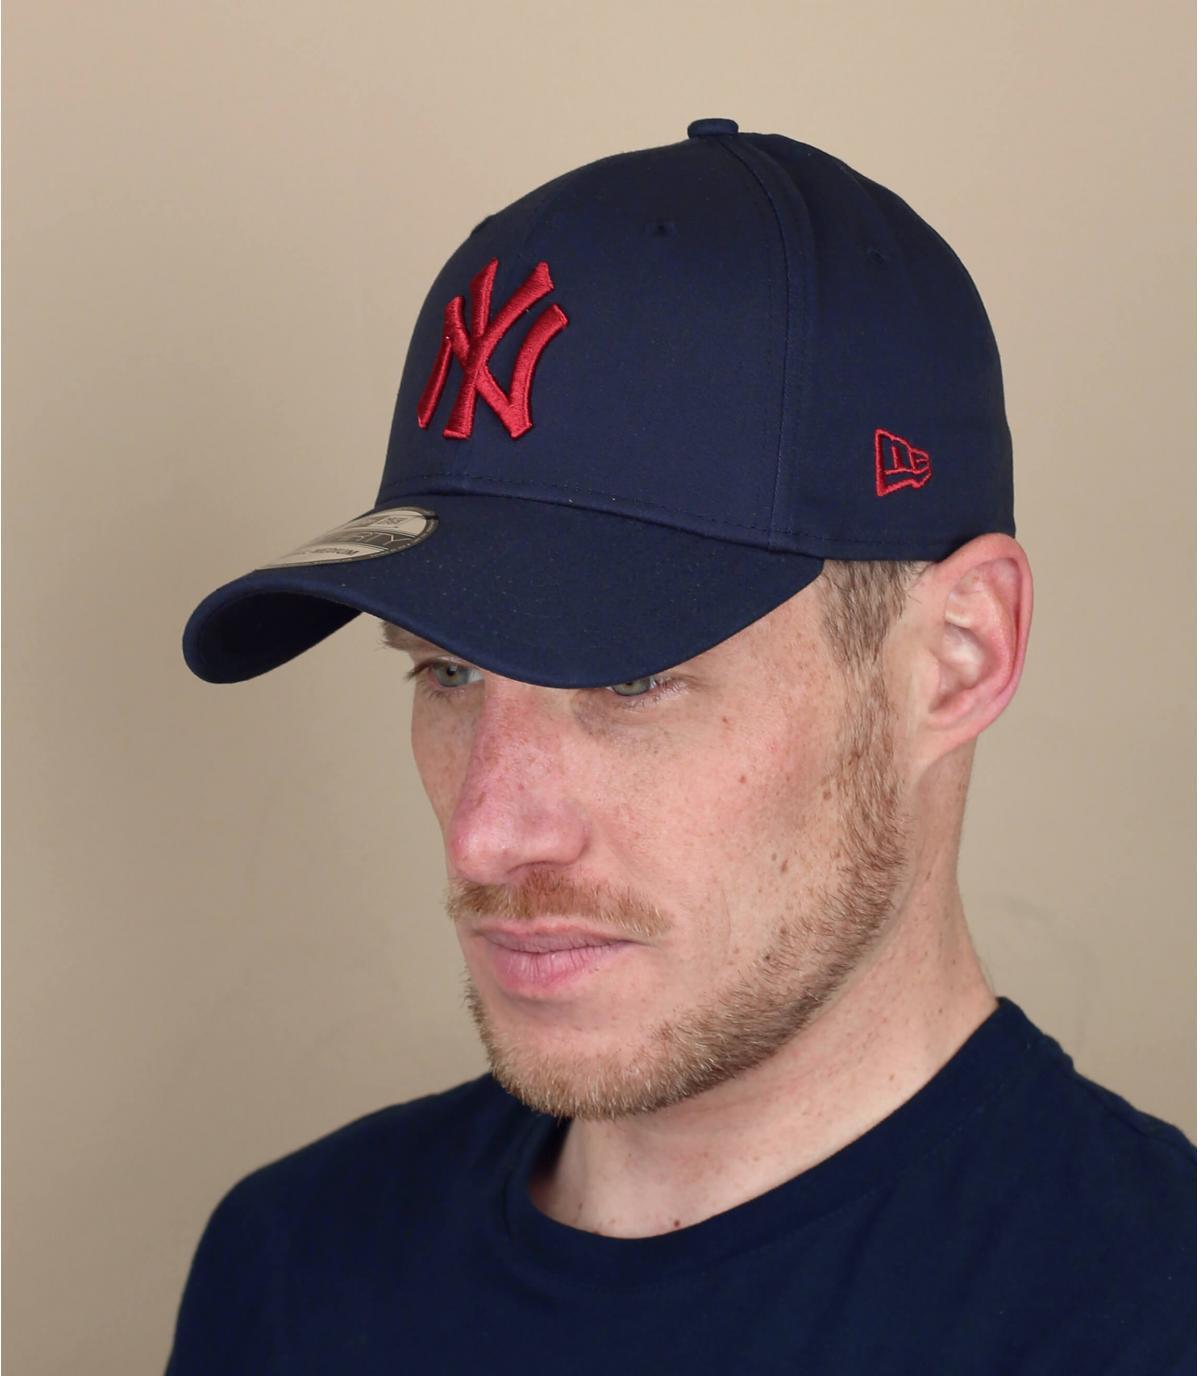 rood blauwe NY cap